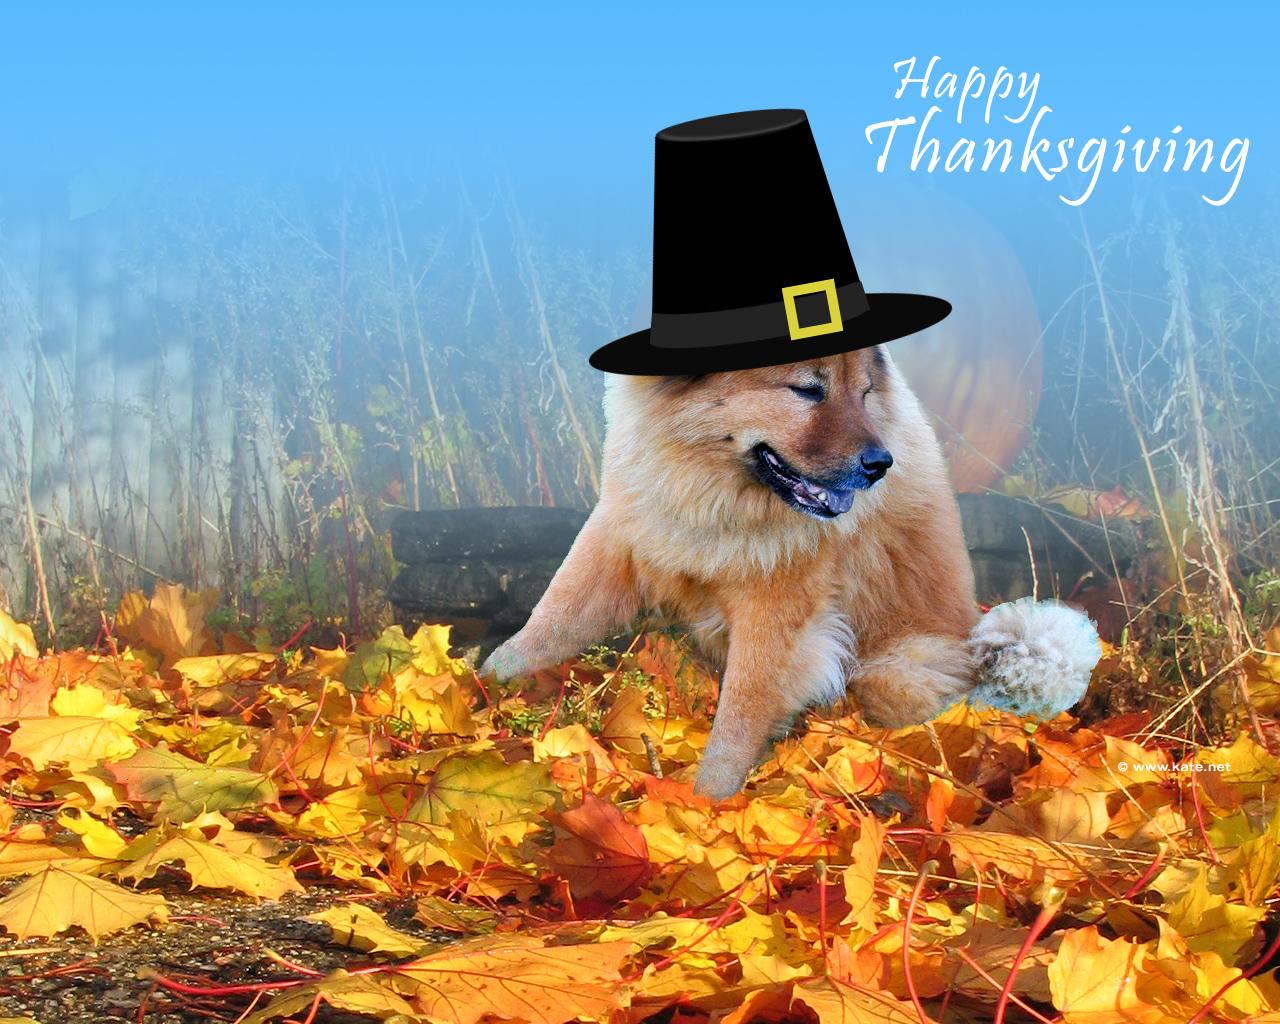 http://2.bp.blogspot.com/-oPjcge25u_Q/TxNpwkjxSLI/AAAAAAAAC78/aLOMsNWvPmk/s1600/Doggy+Say+Thanksgiving-wallpapers.d-bloggertemplate.com.jpg